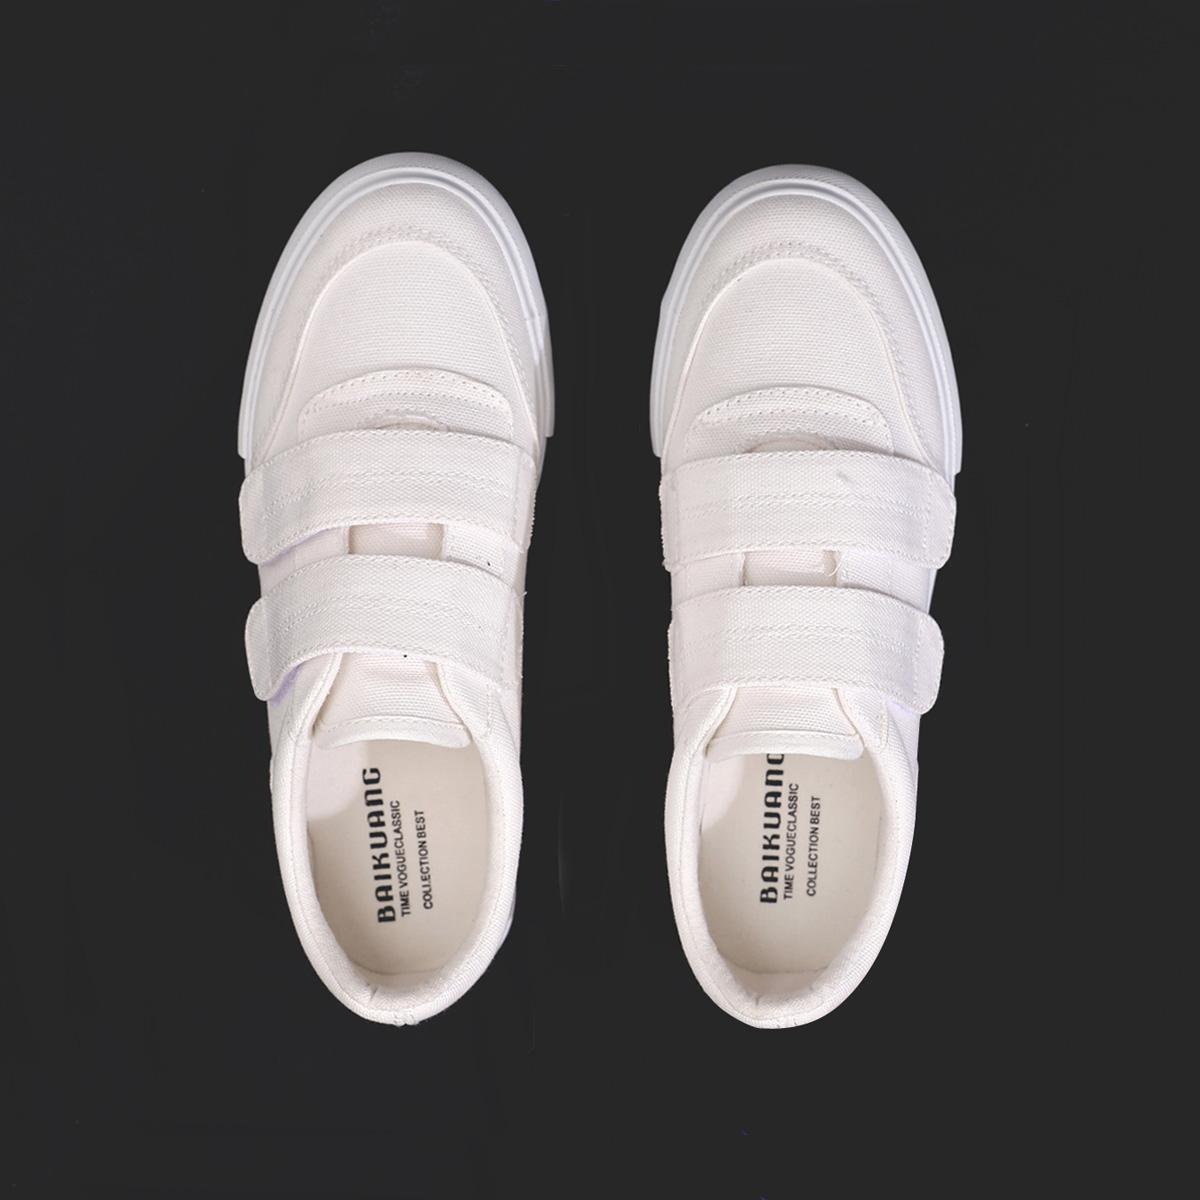 白色帆布鞋 2018夏季新款魔术贴小白鞋女韩版百搭学生平底帆布鞋女白色布鞋潮_推荐淘宝好看的白色帆布鞋